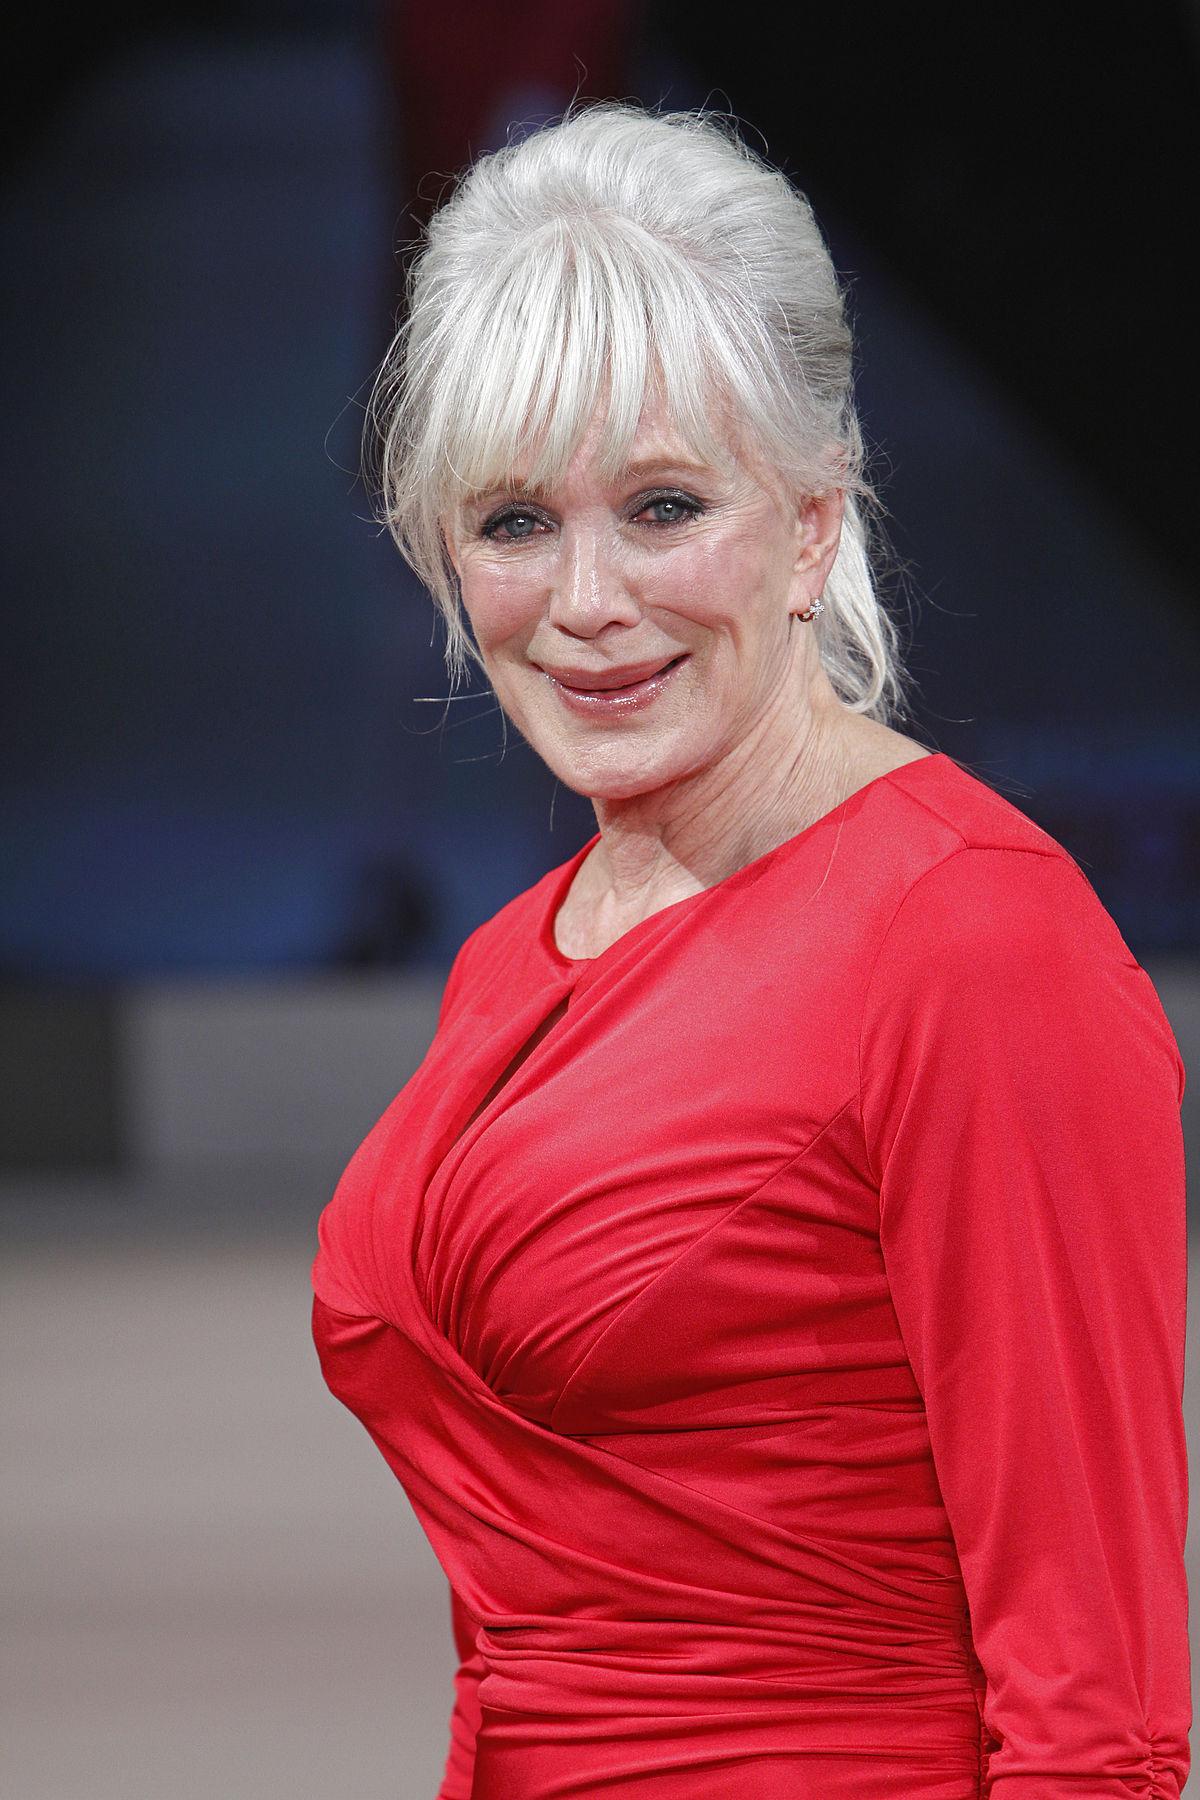 Linda Evans smiling wearing a red dress